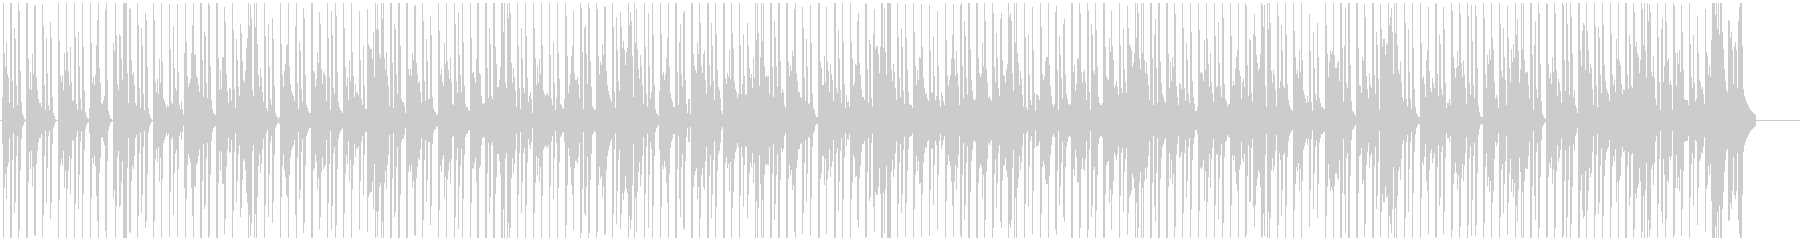 ファンキーでノリノリなBGMの未再生の波形